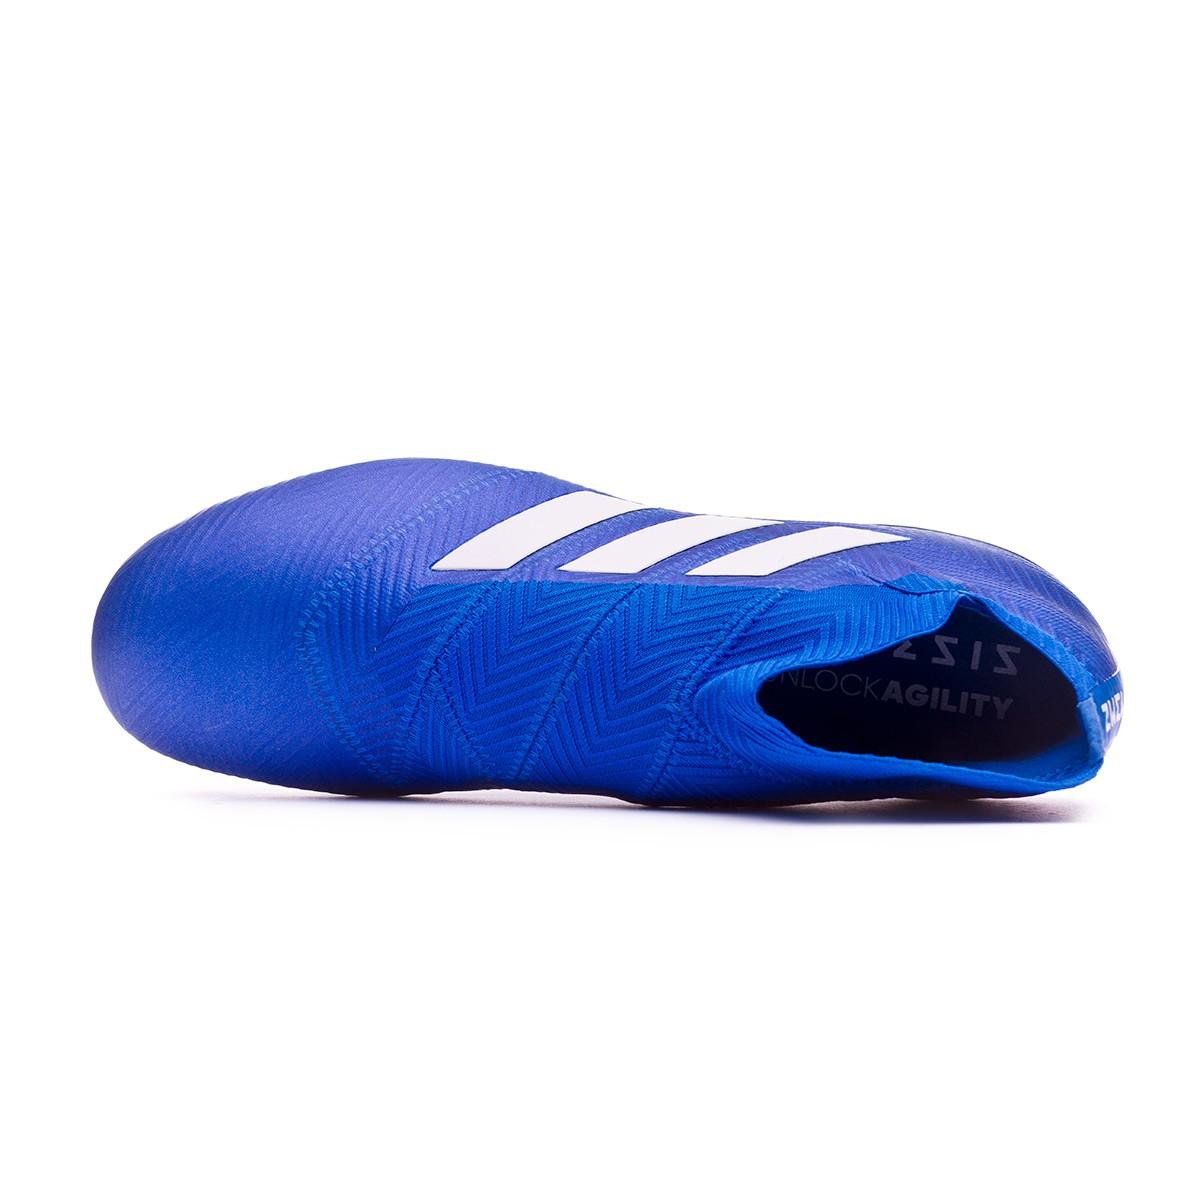 adidas chile 62 scarpe prezzi | Benvenuto per comprare